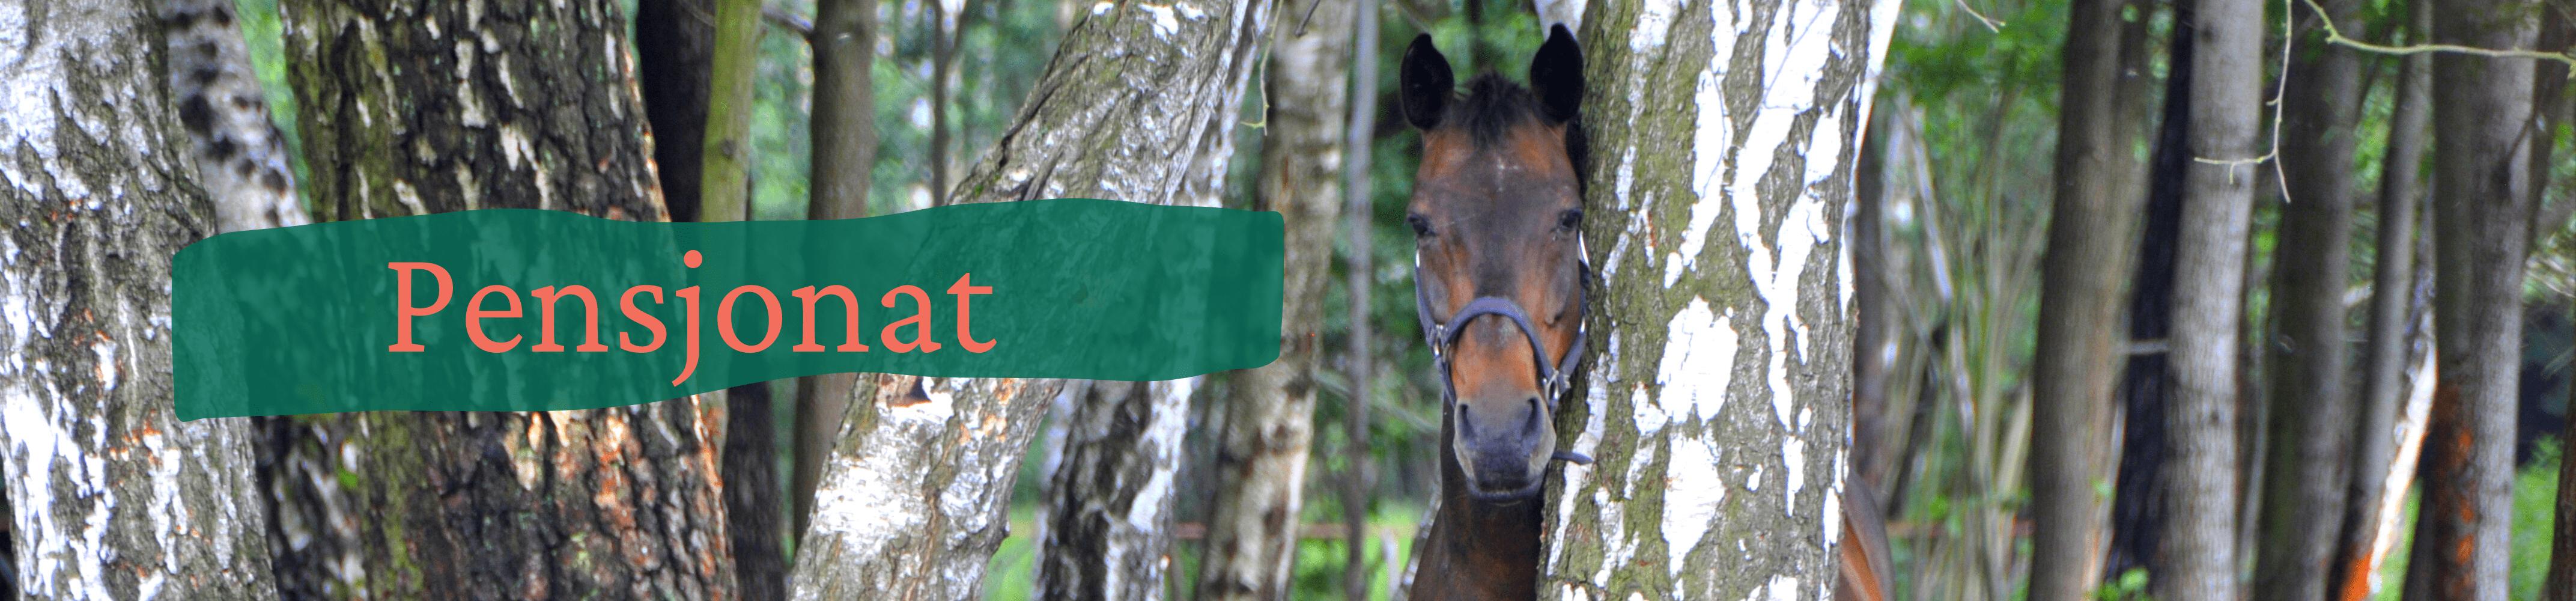 Portret gniadego konia stojącego za brzozą. Z lewej strony napis pensjonat